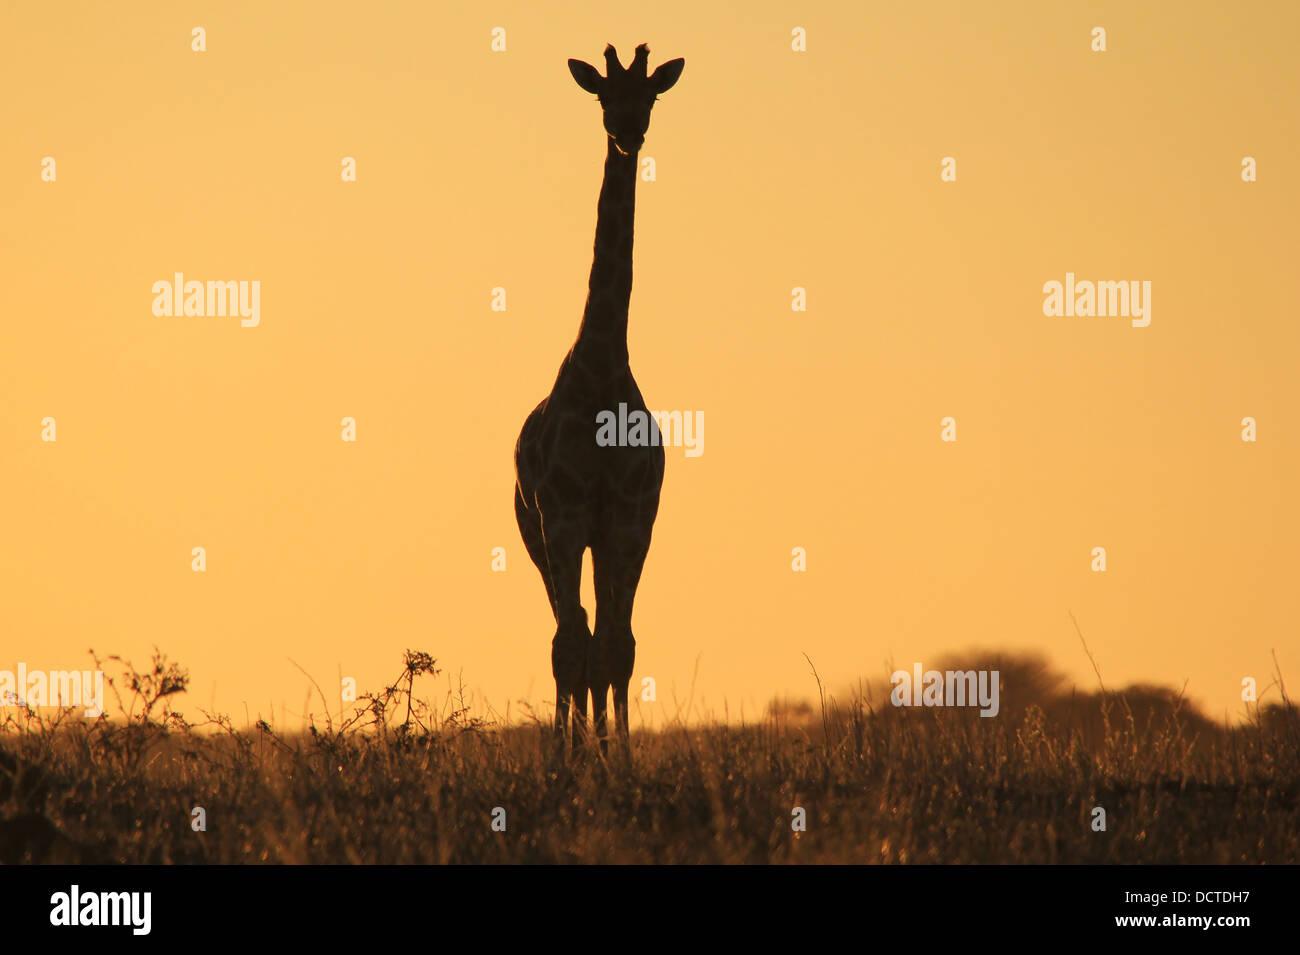 Oro Oro jirafa fijamente desde la selva de África. Silueta de la vida silvestre, el color de fondo y la belleza. Imagen De Stock